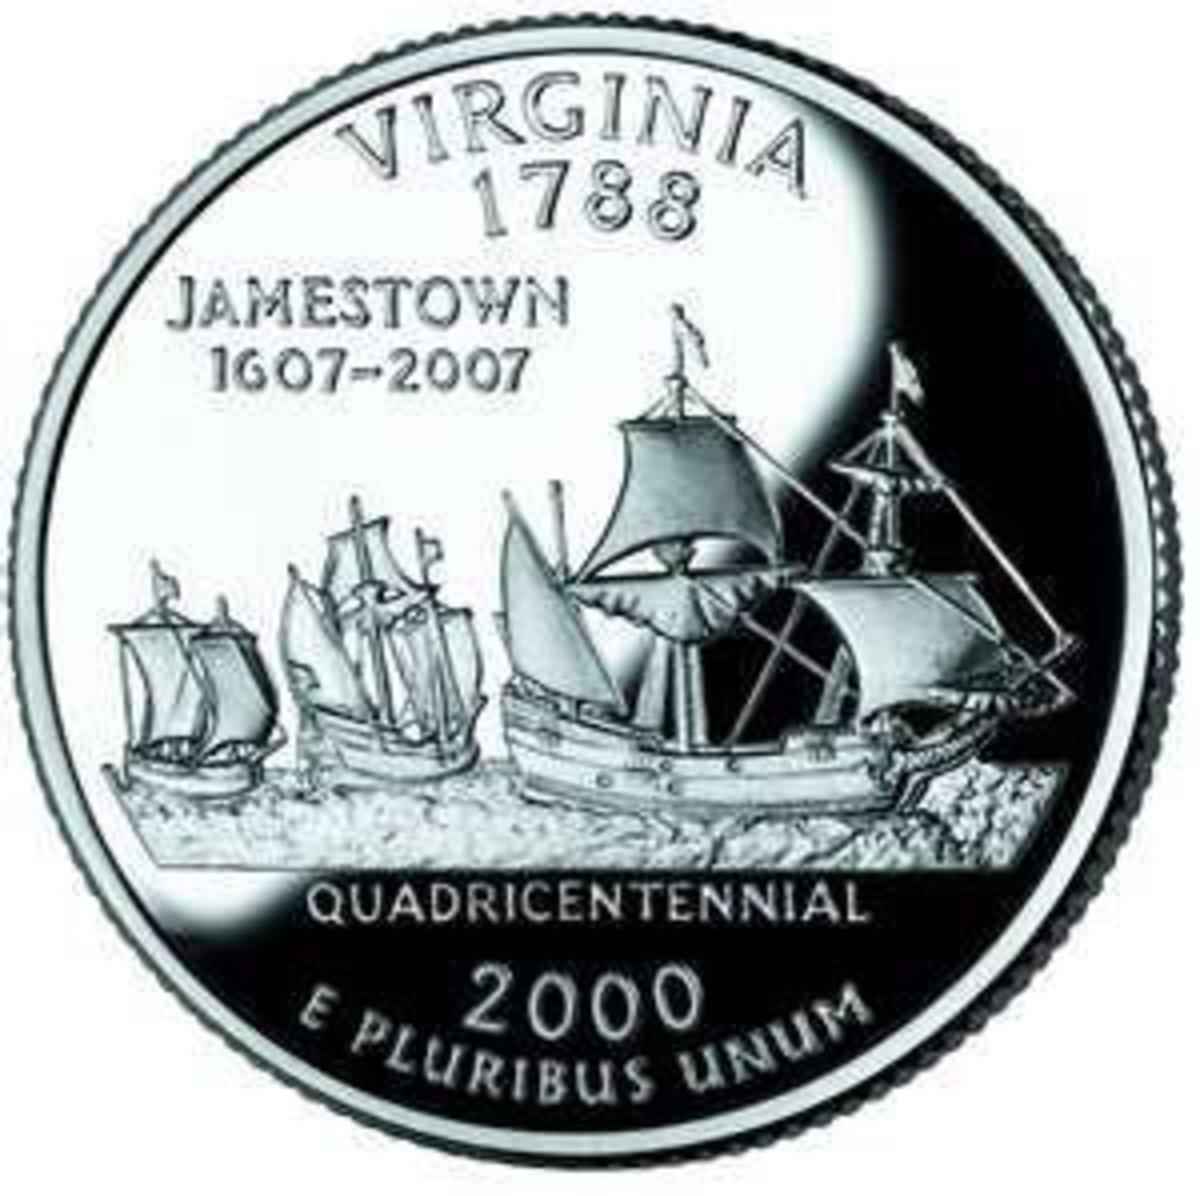 Virginia's State Quarter